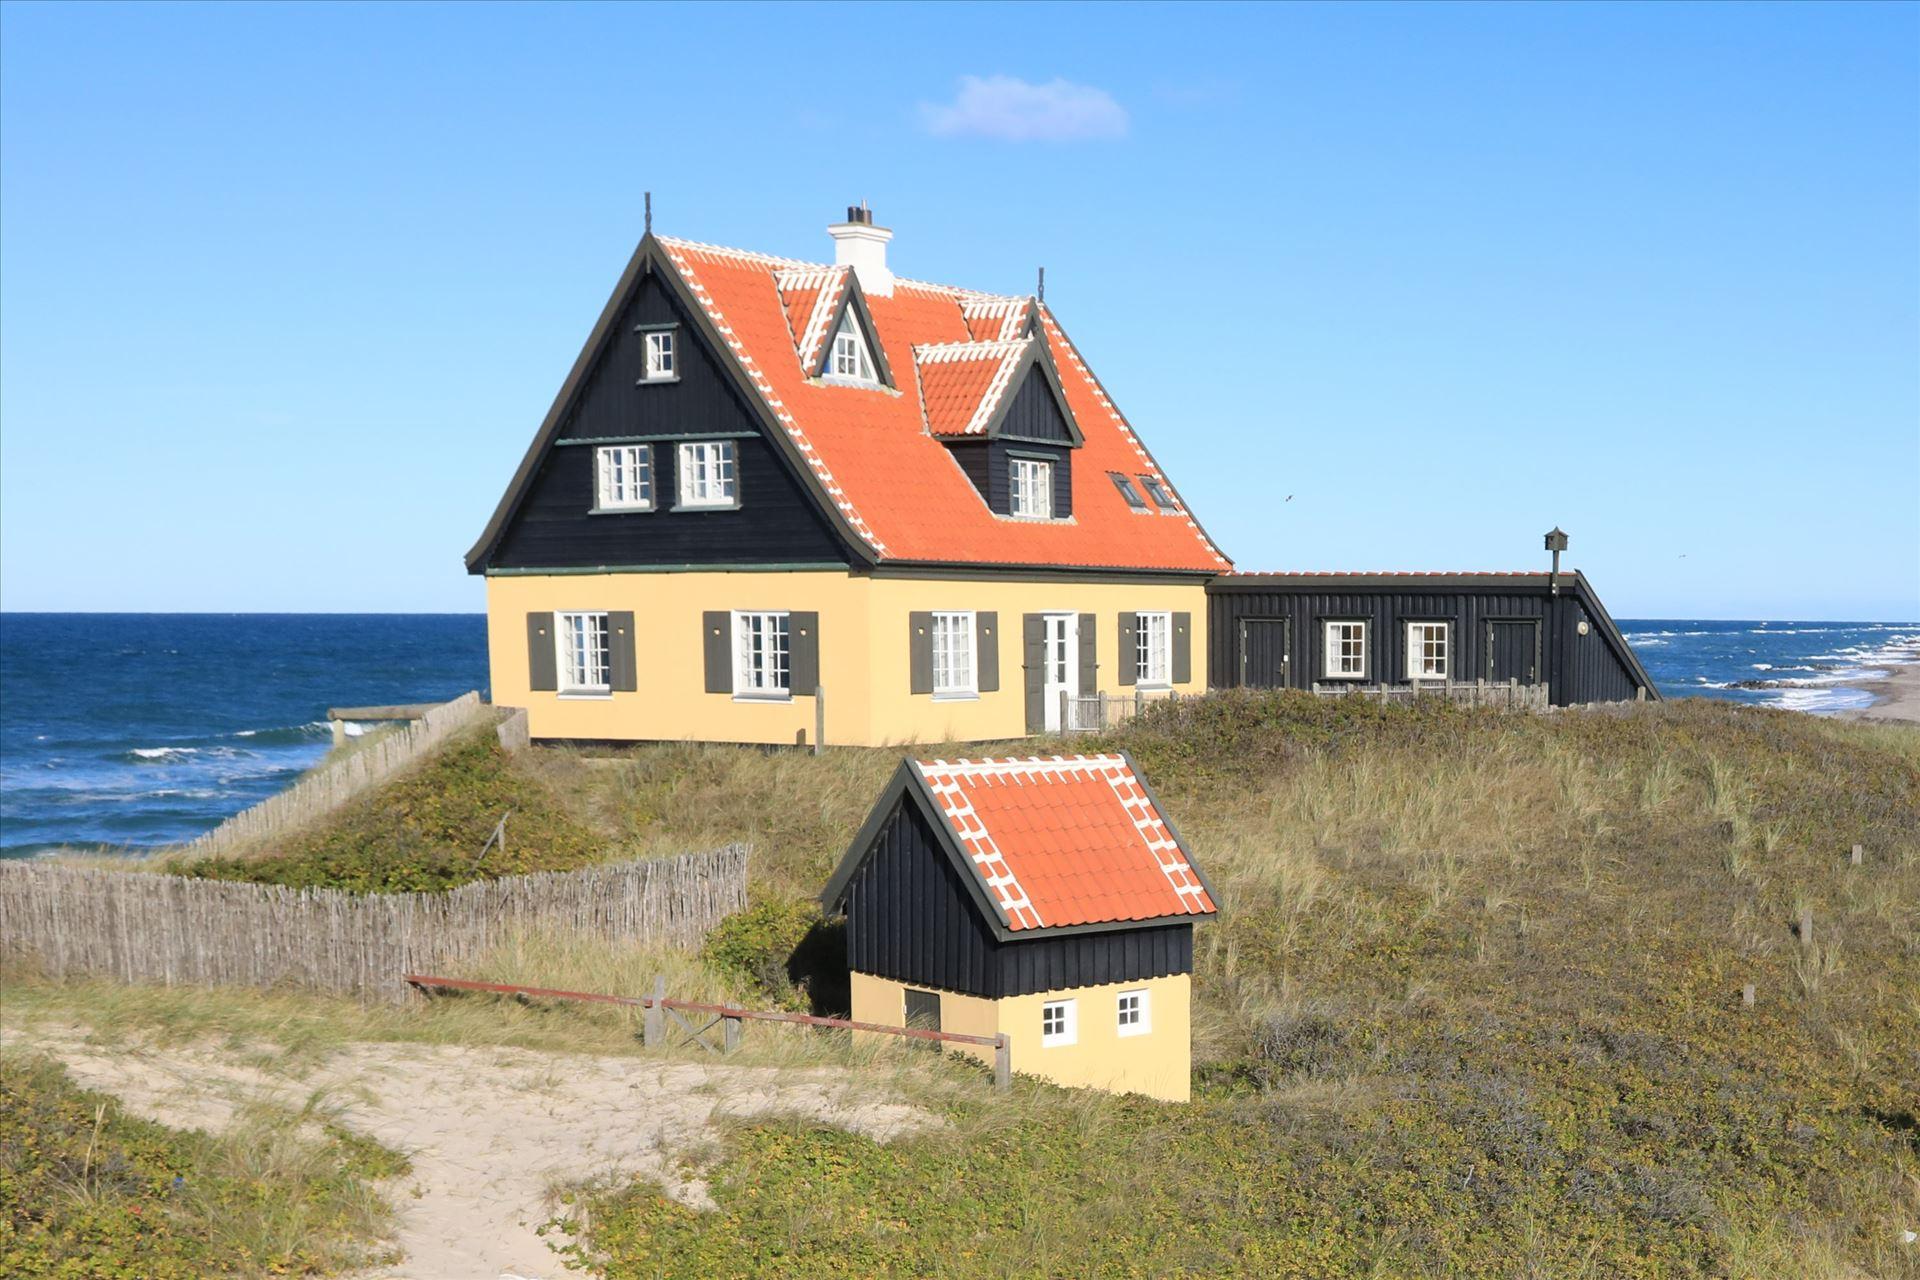 Huse til mange millioner: Her er den dyreste villa til salg i Nordjylland